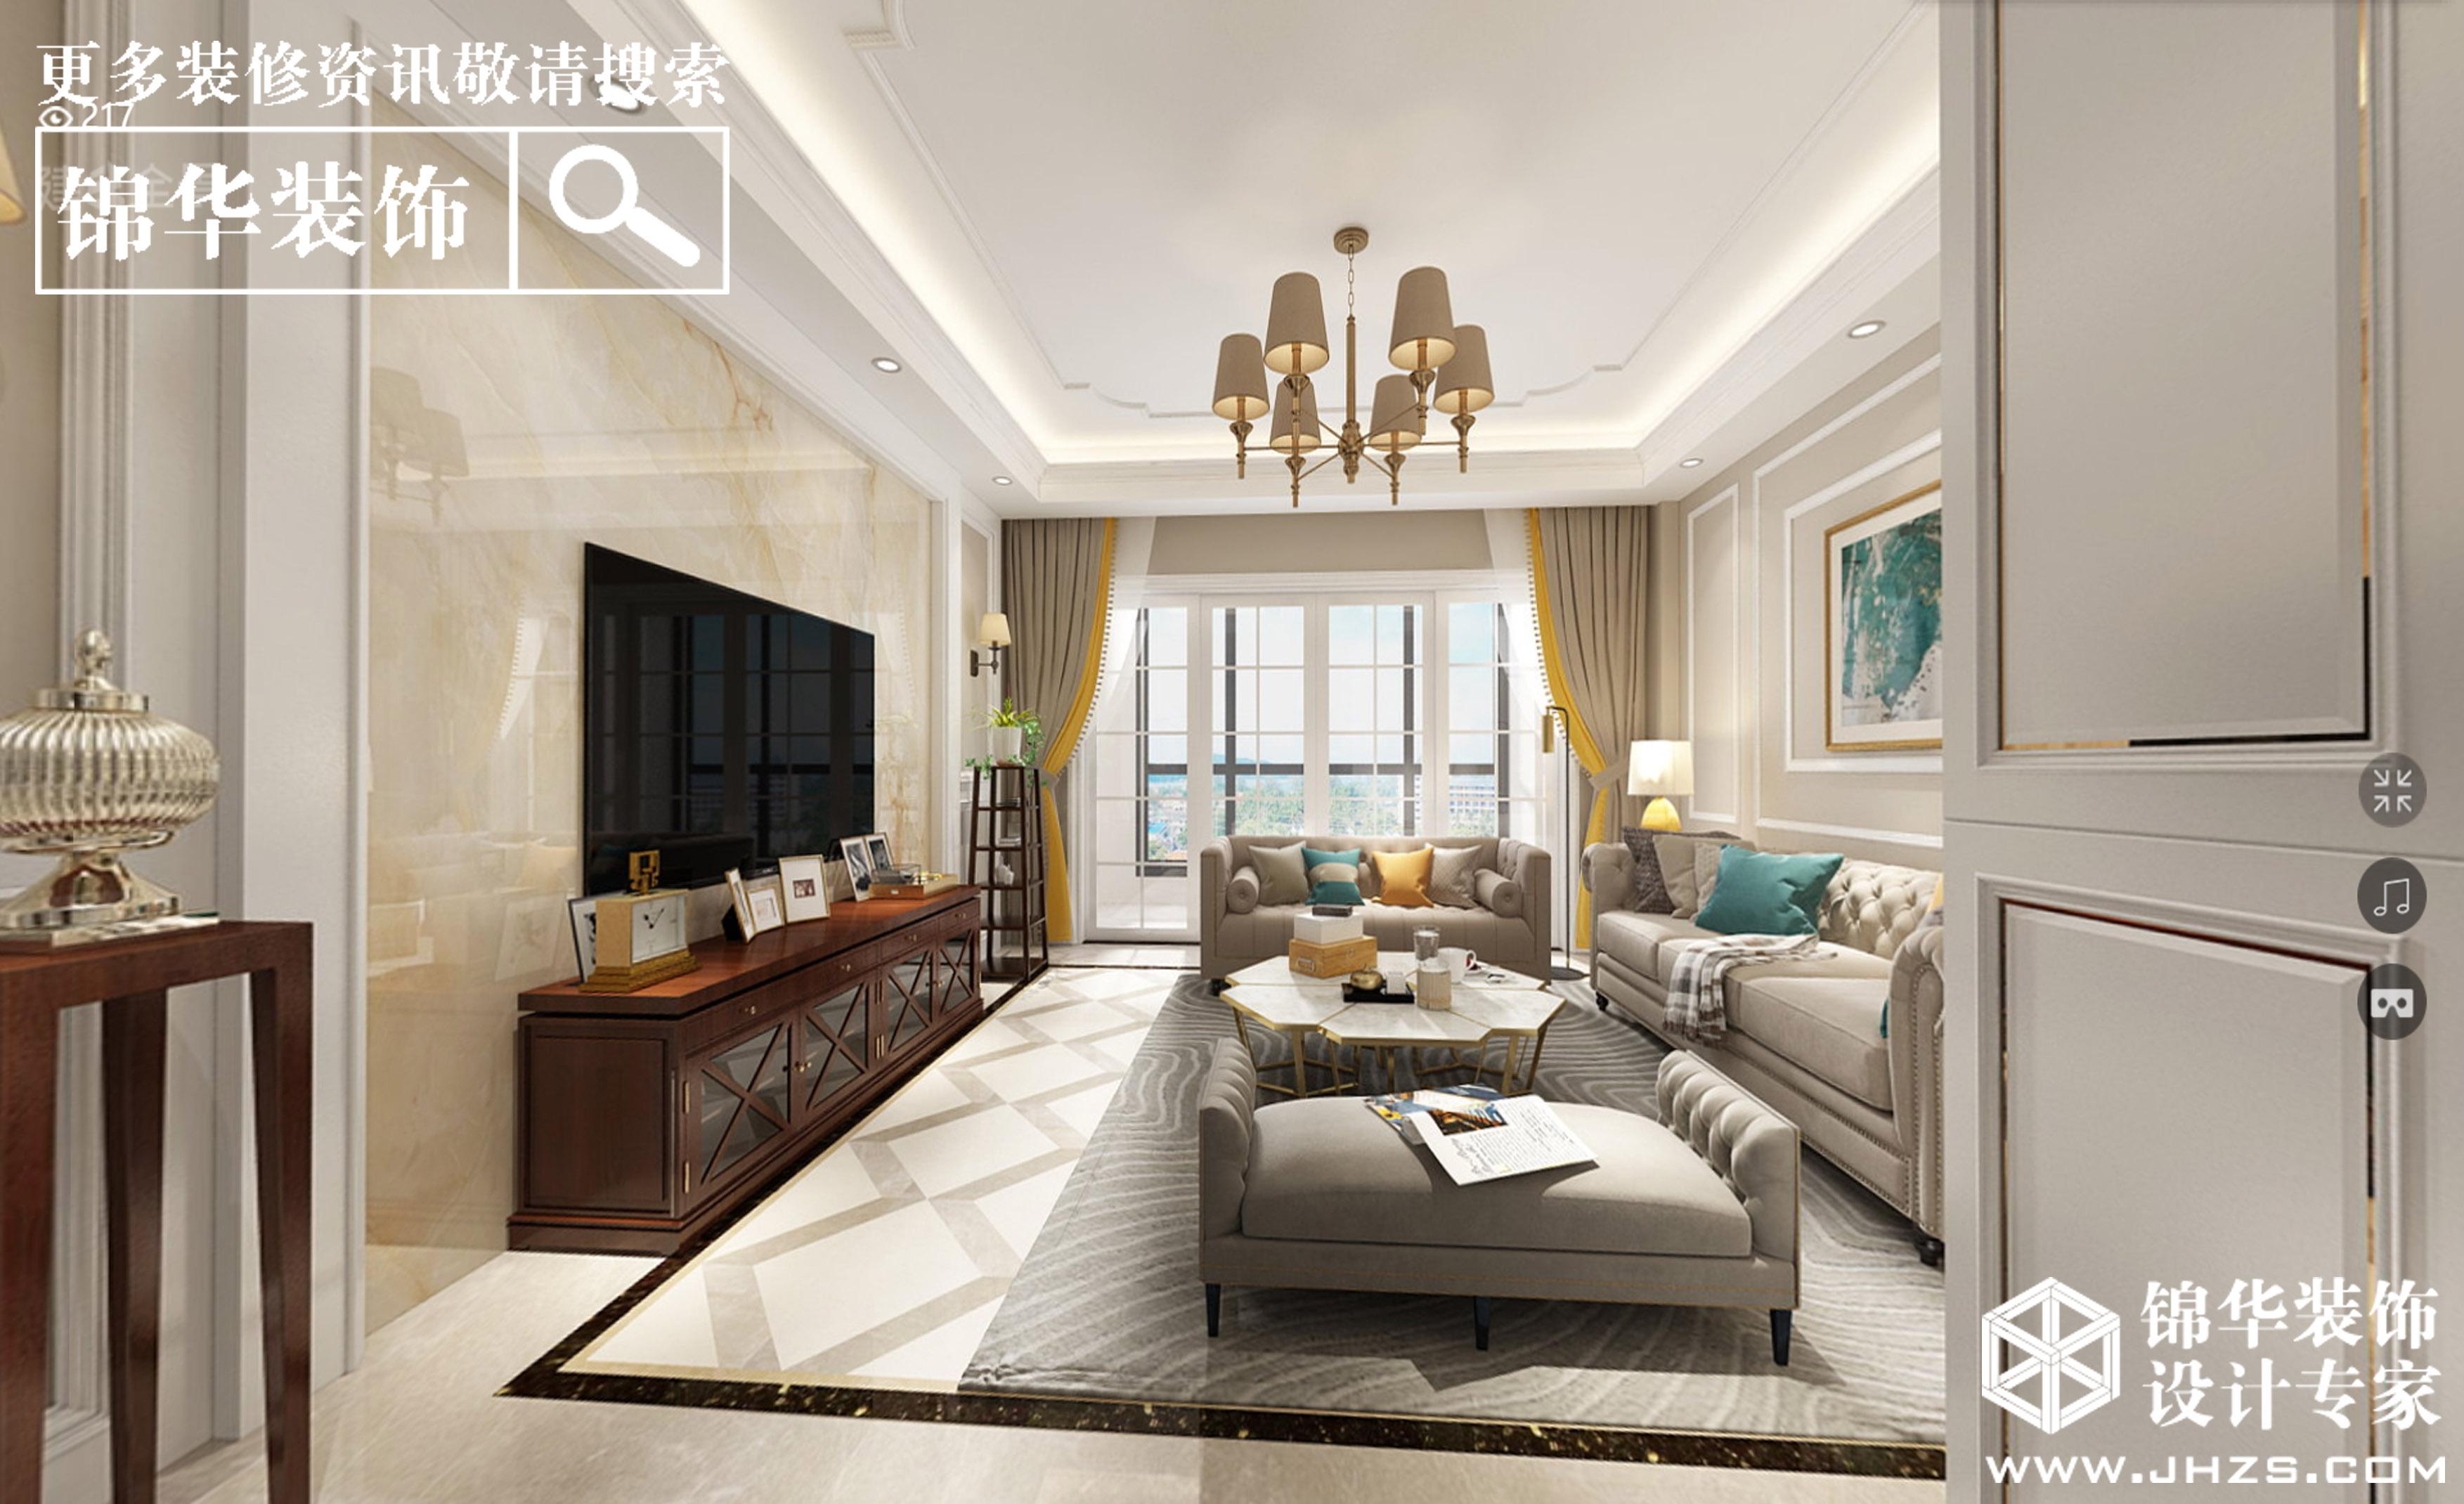 润和佳苑-简美风格-140平-半包造价9万